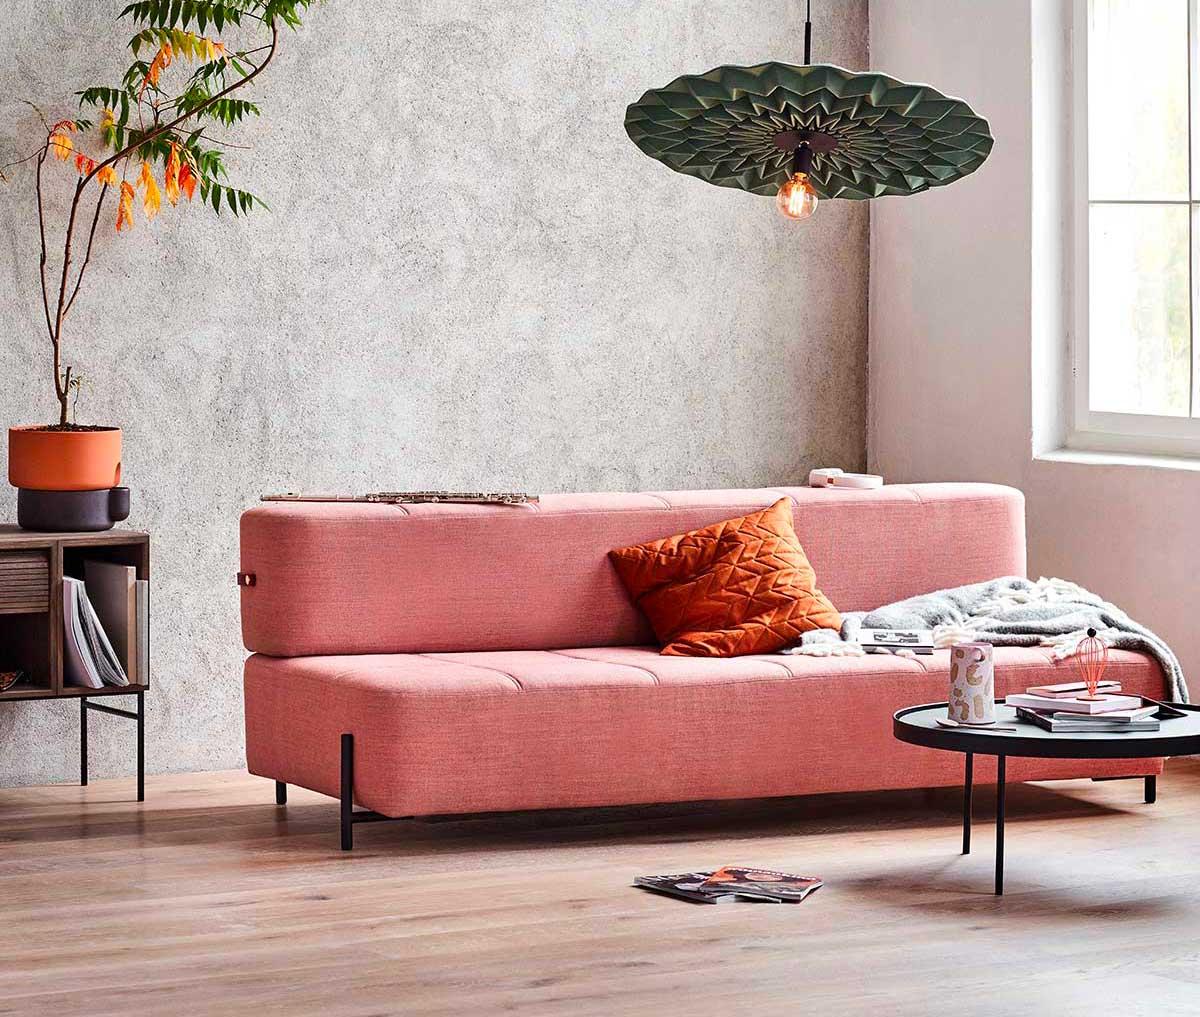 Canapé rose : 19 inspirations pour un salon vitaminé